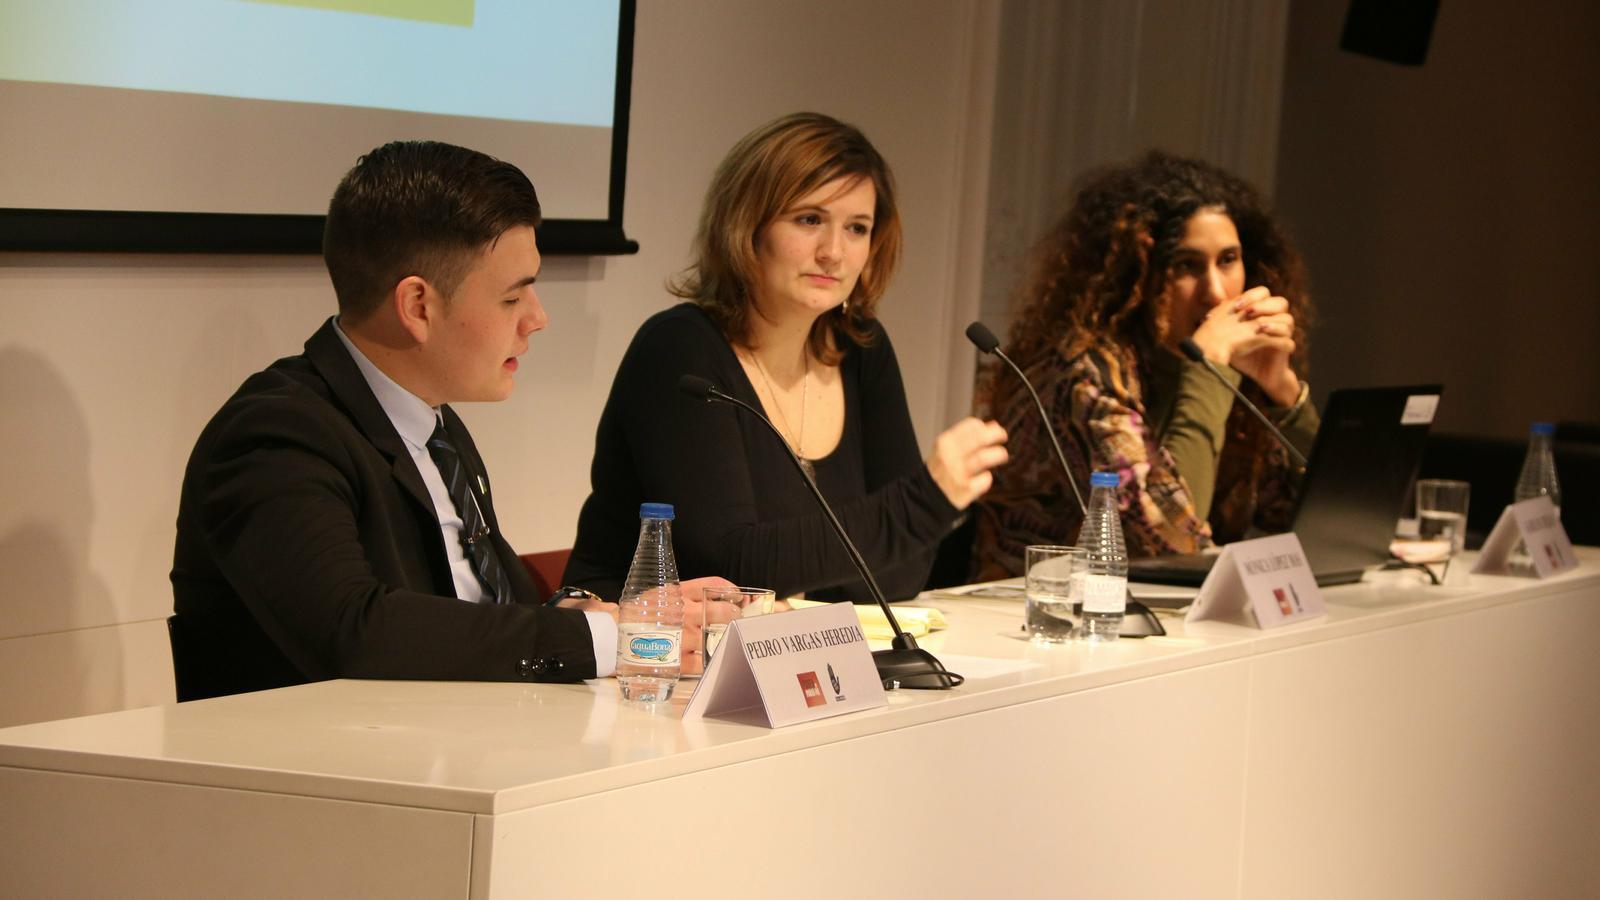 Pedro Vargas Heredia, Mónica López Mas, i Kaire Ba Dejuan, durant la roda de premsa de SOS Racisme al Col·legi de Periodistes